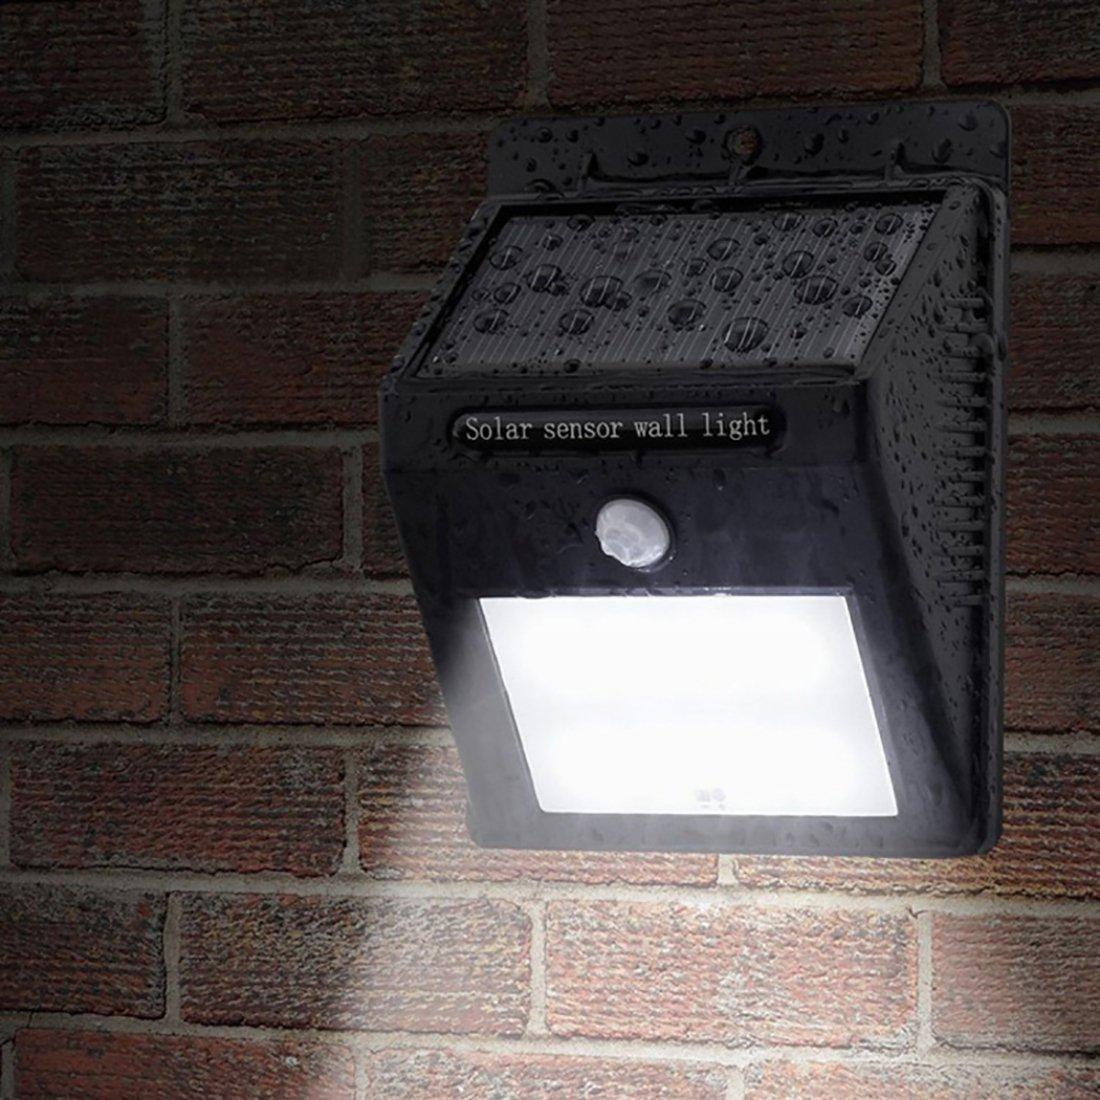 DealMux Solar Motion Sensor Light, 80 Lumens 12 LED Waterproof Solar Power Security Night Lights, Garden Wall Spotlight -3 Pack